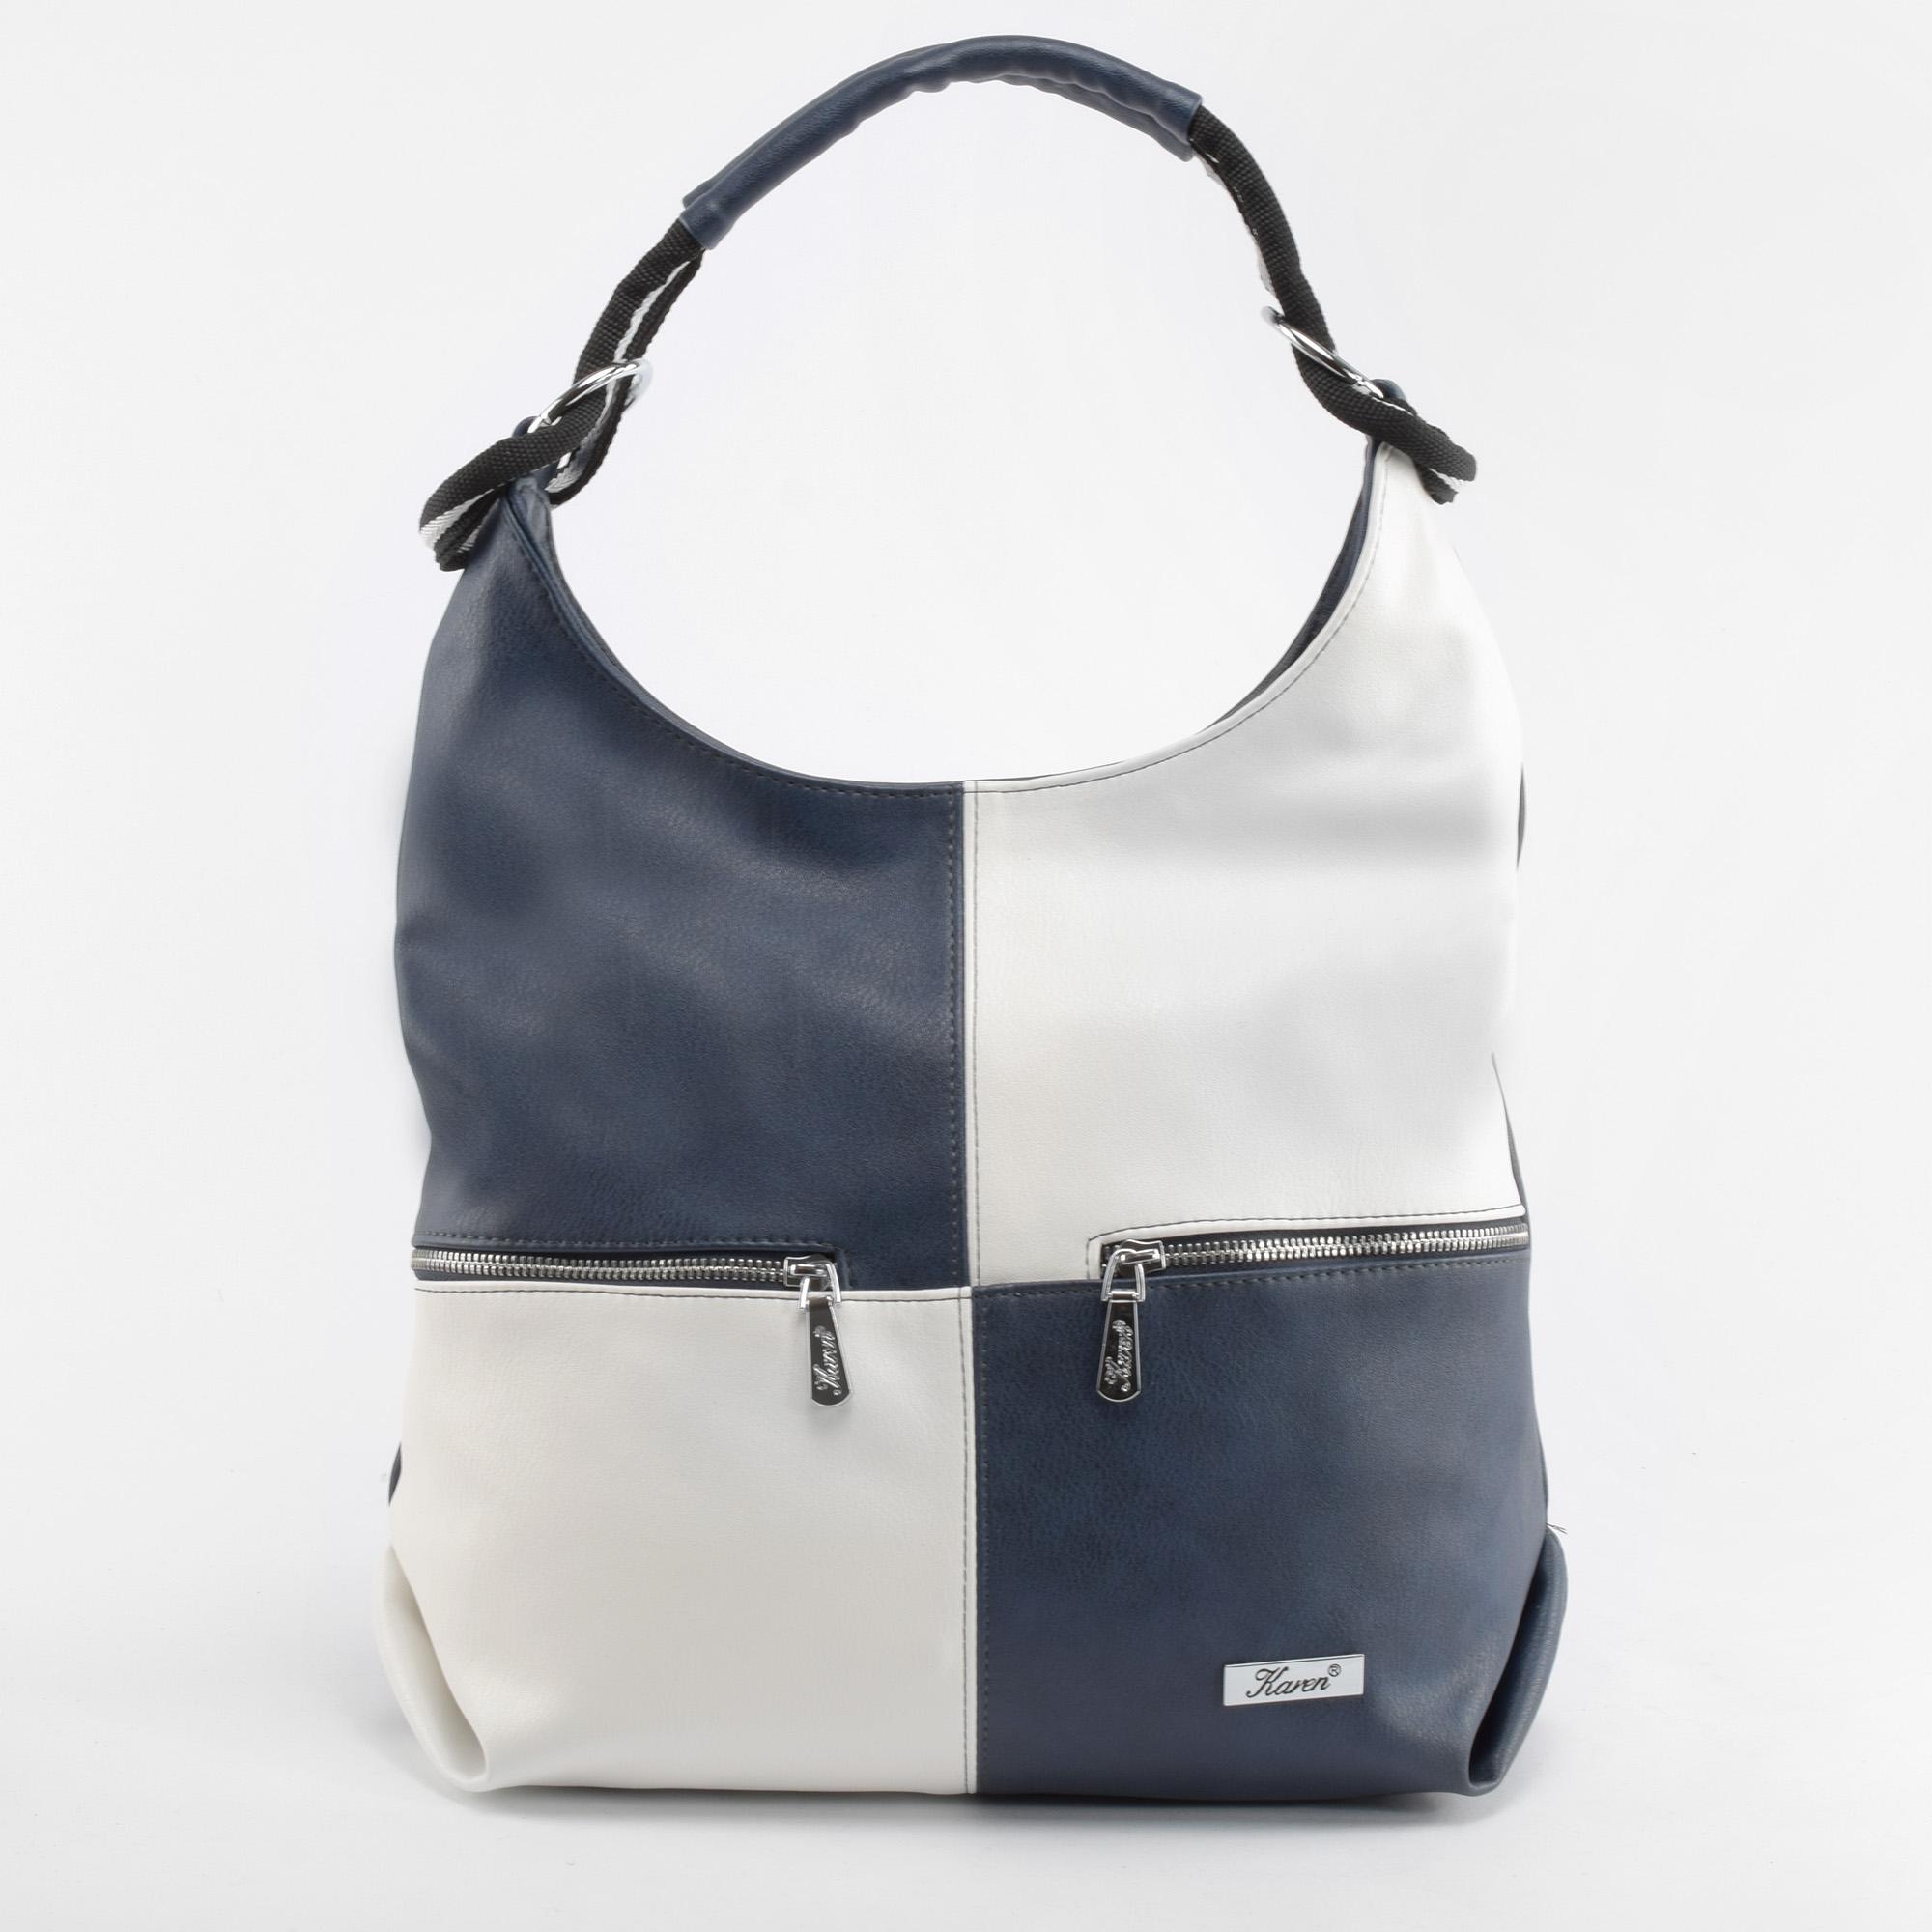 3f246f5133 Karen Kék-Fehér Rostbőr Válltáska - Válltáskák - Táska webáruház - Minőségi  táskák mindenkinek